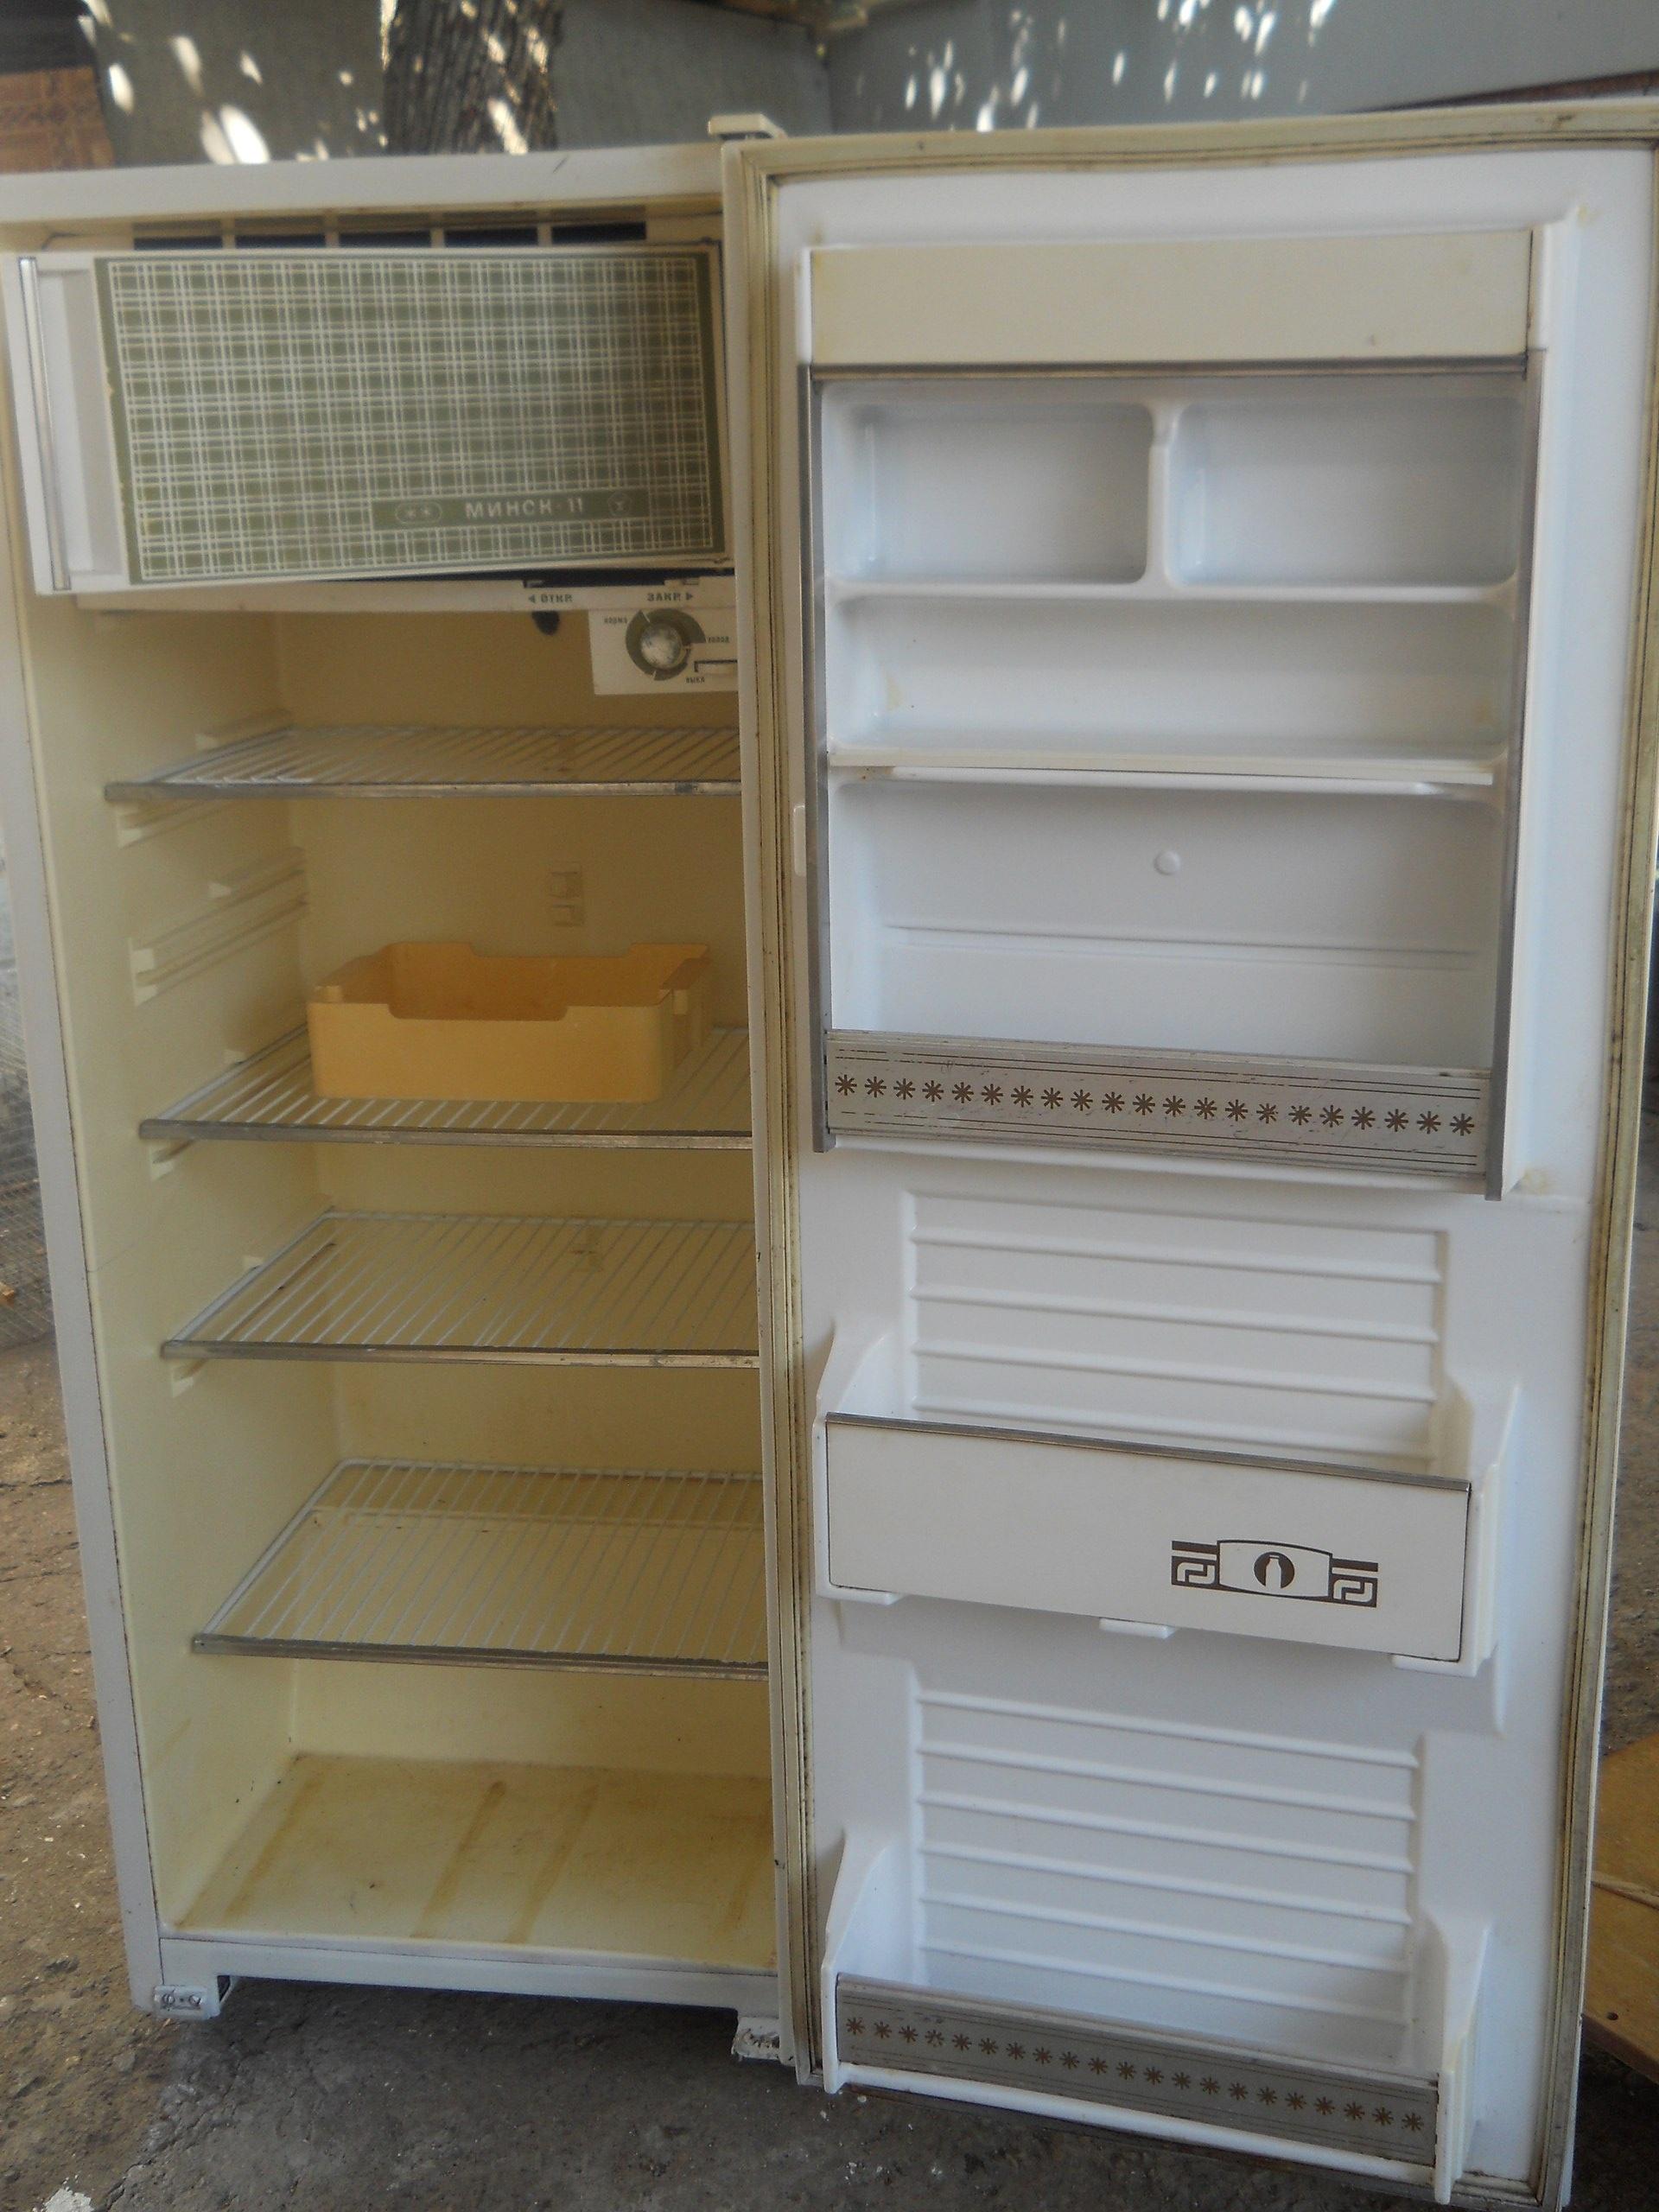 Ремонт автомобильных салонных холодильников срочный ремонт авто холодильников в минске